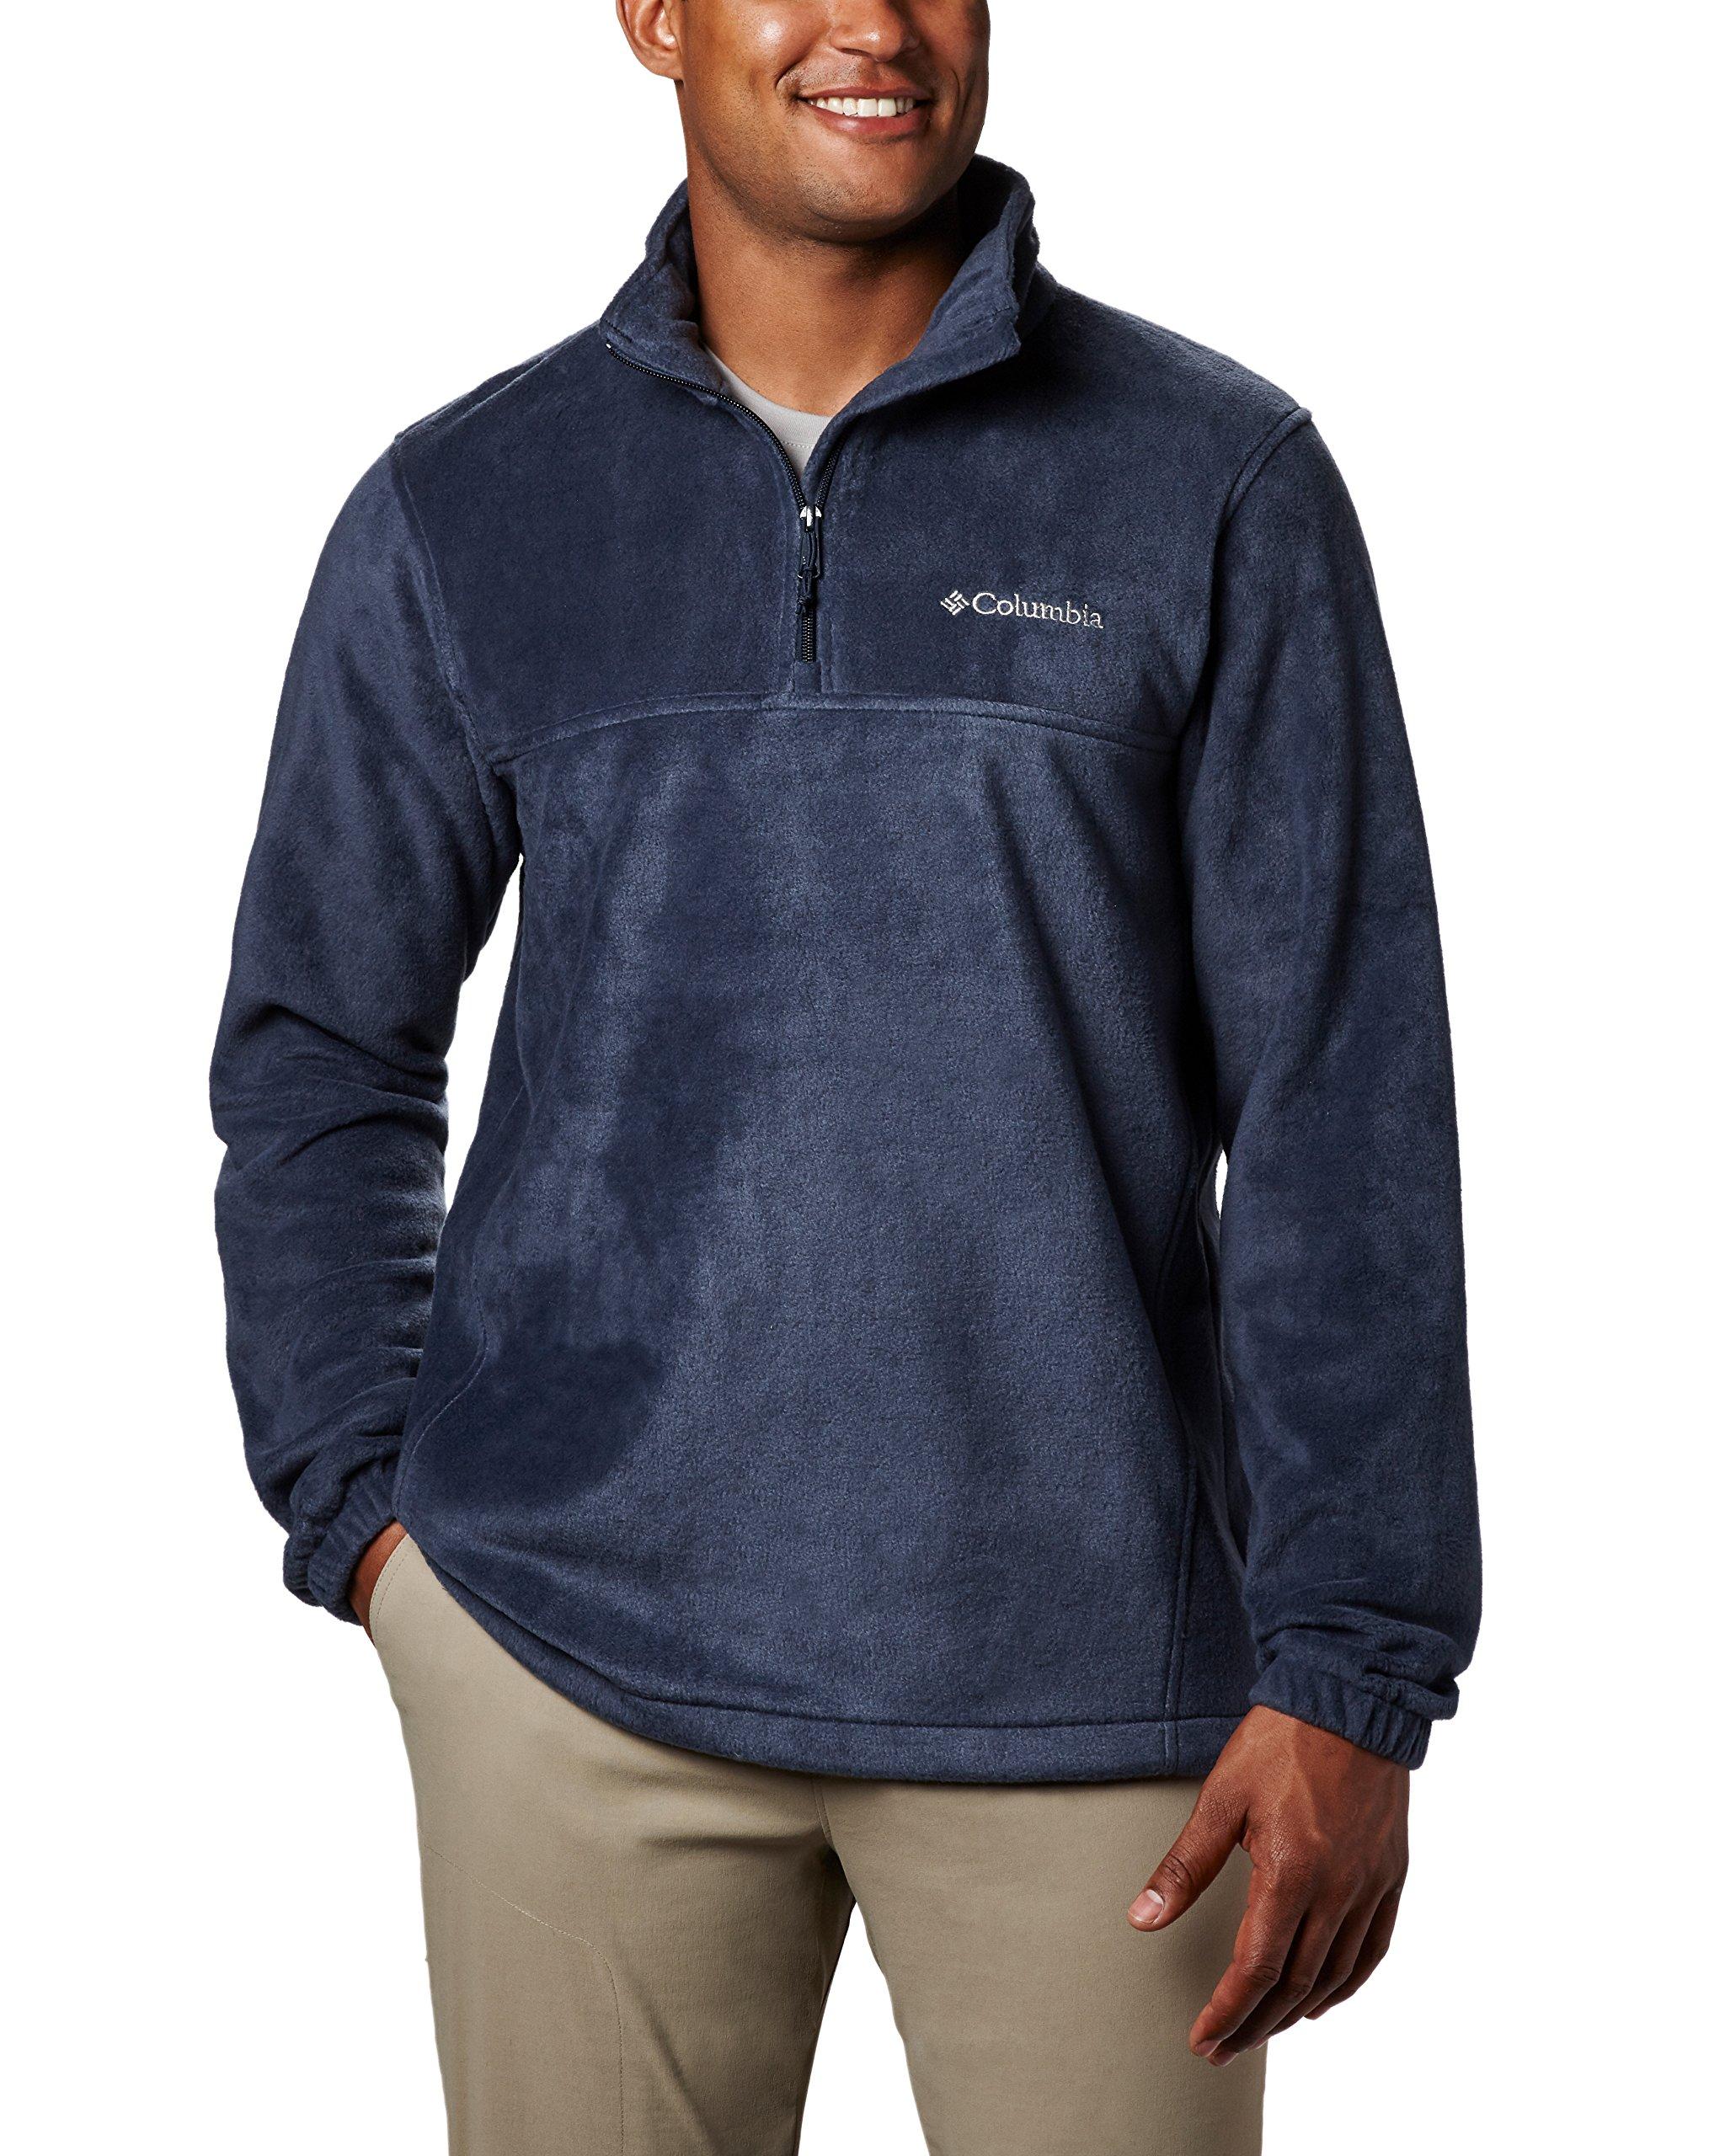 Columbia Men's Steens Mountain Half Zip Soft Fleece Jacket, Collegiate Navy, Large